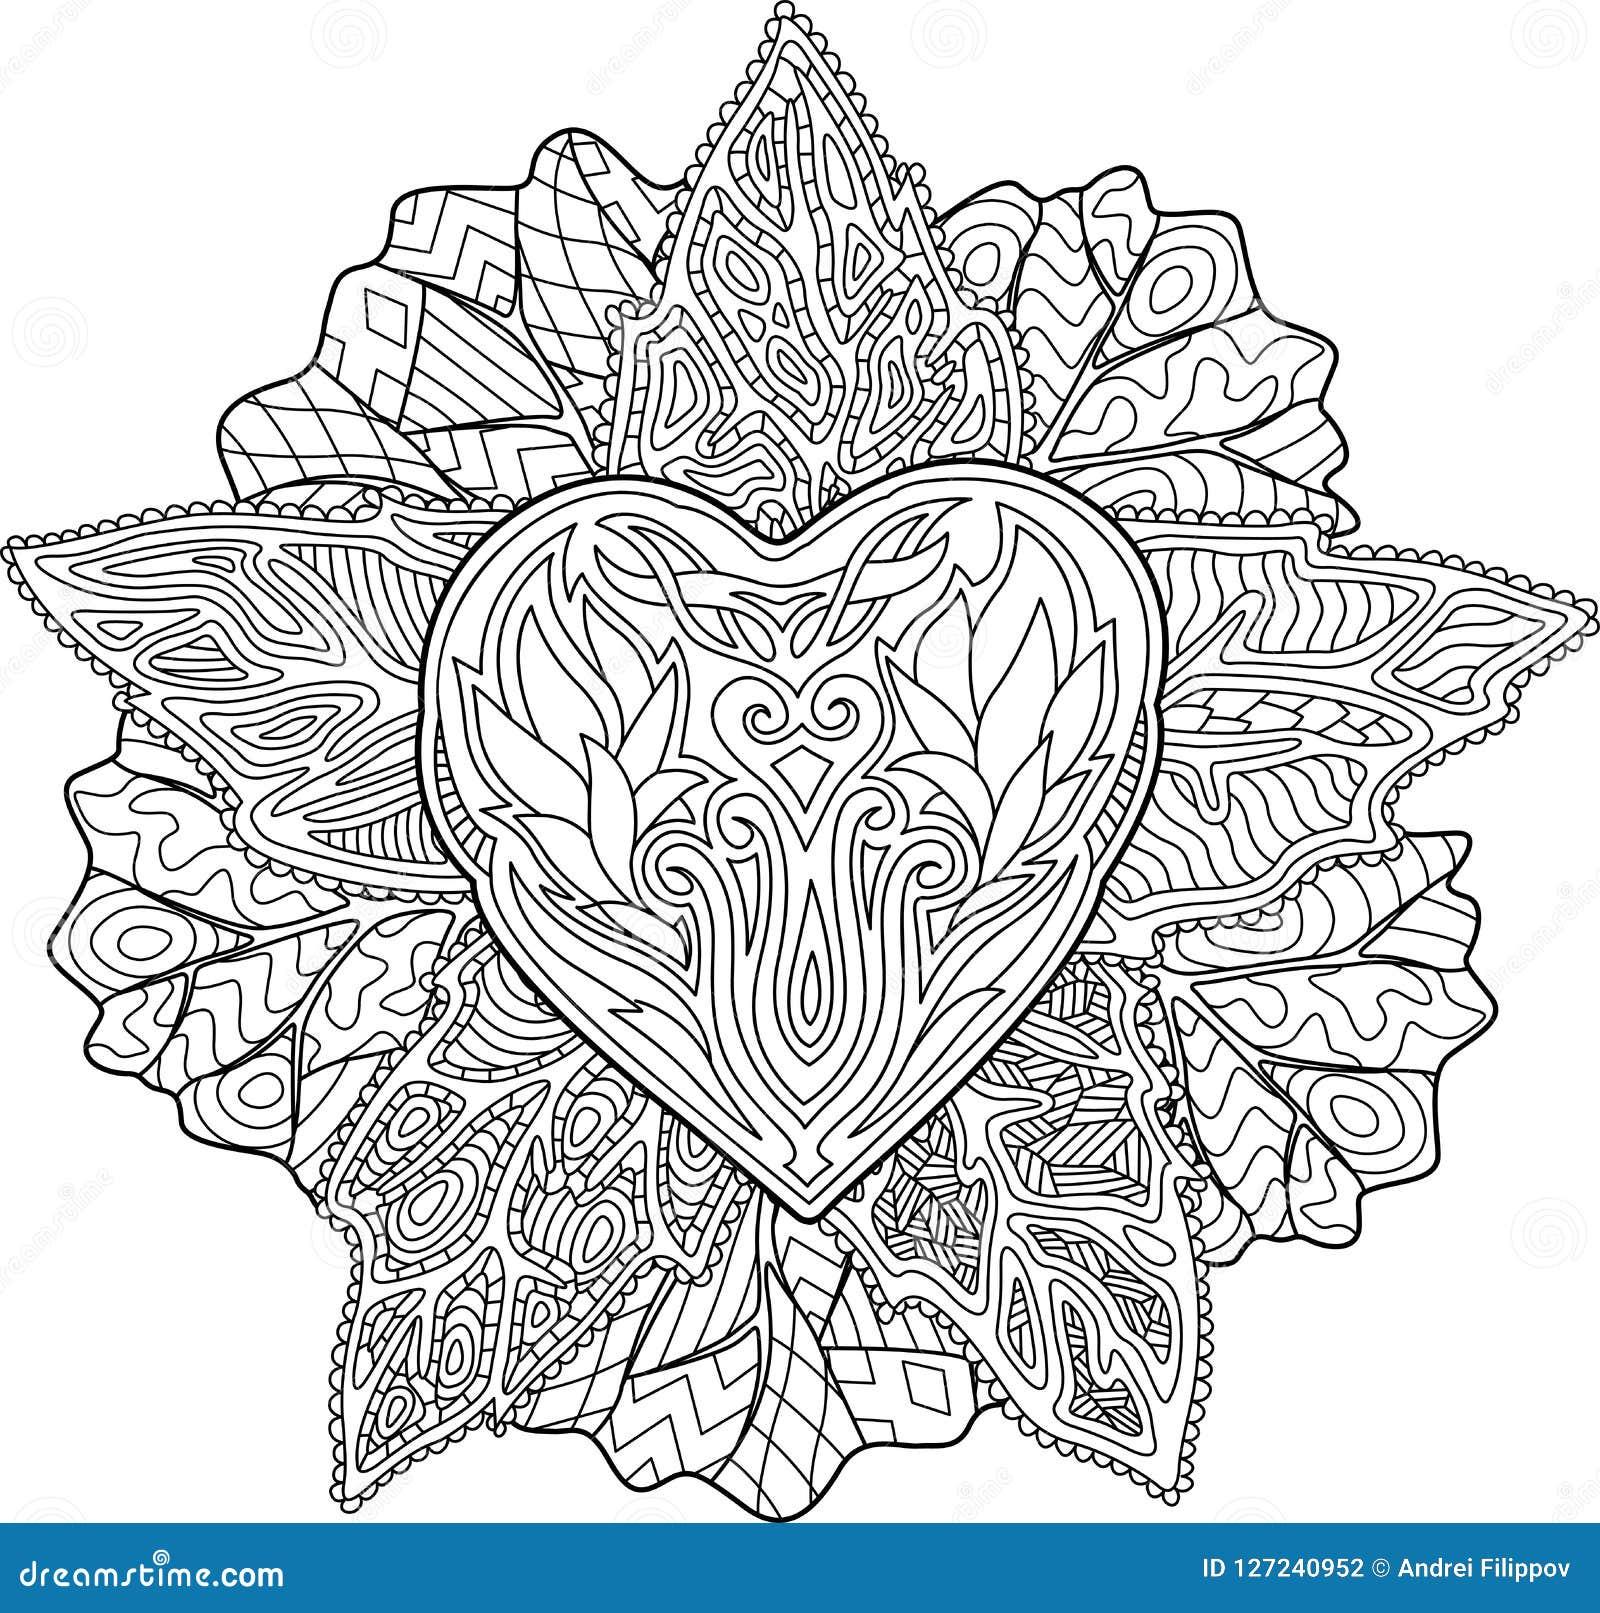 Coloriage Etoile Coeur.Modele Avec Le Coeur Dans La Forme D Etoile Illustration De